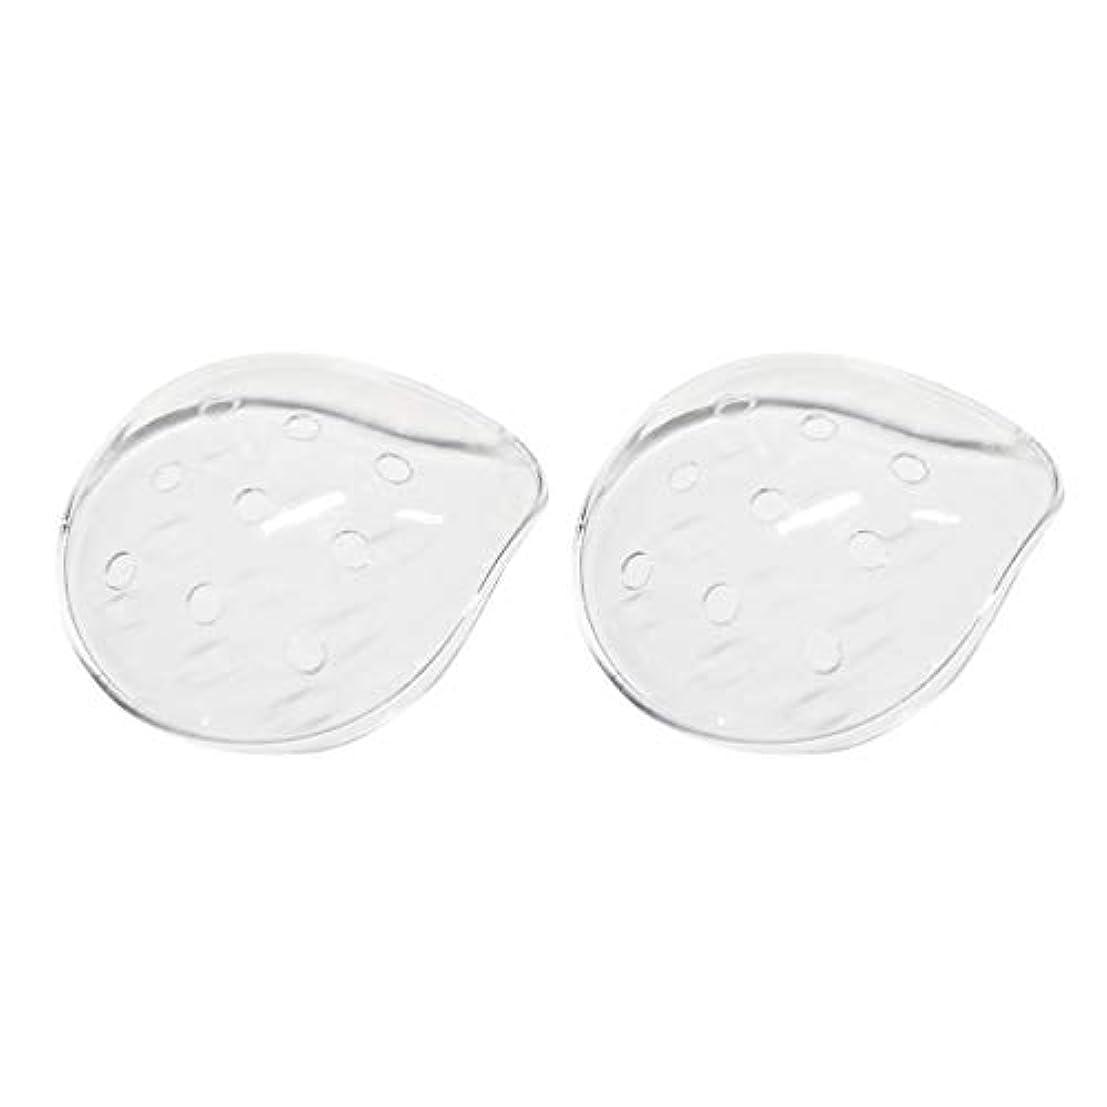 実験的反対する交換可能Healifty アイシールドカバー通気性のある透明な目保護シェード